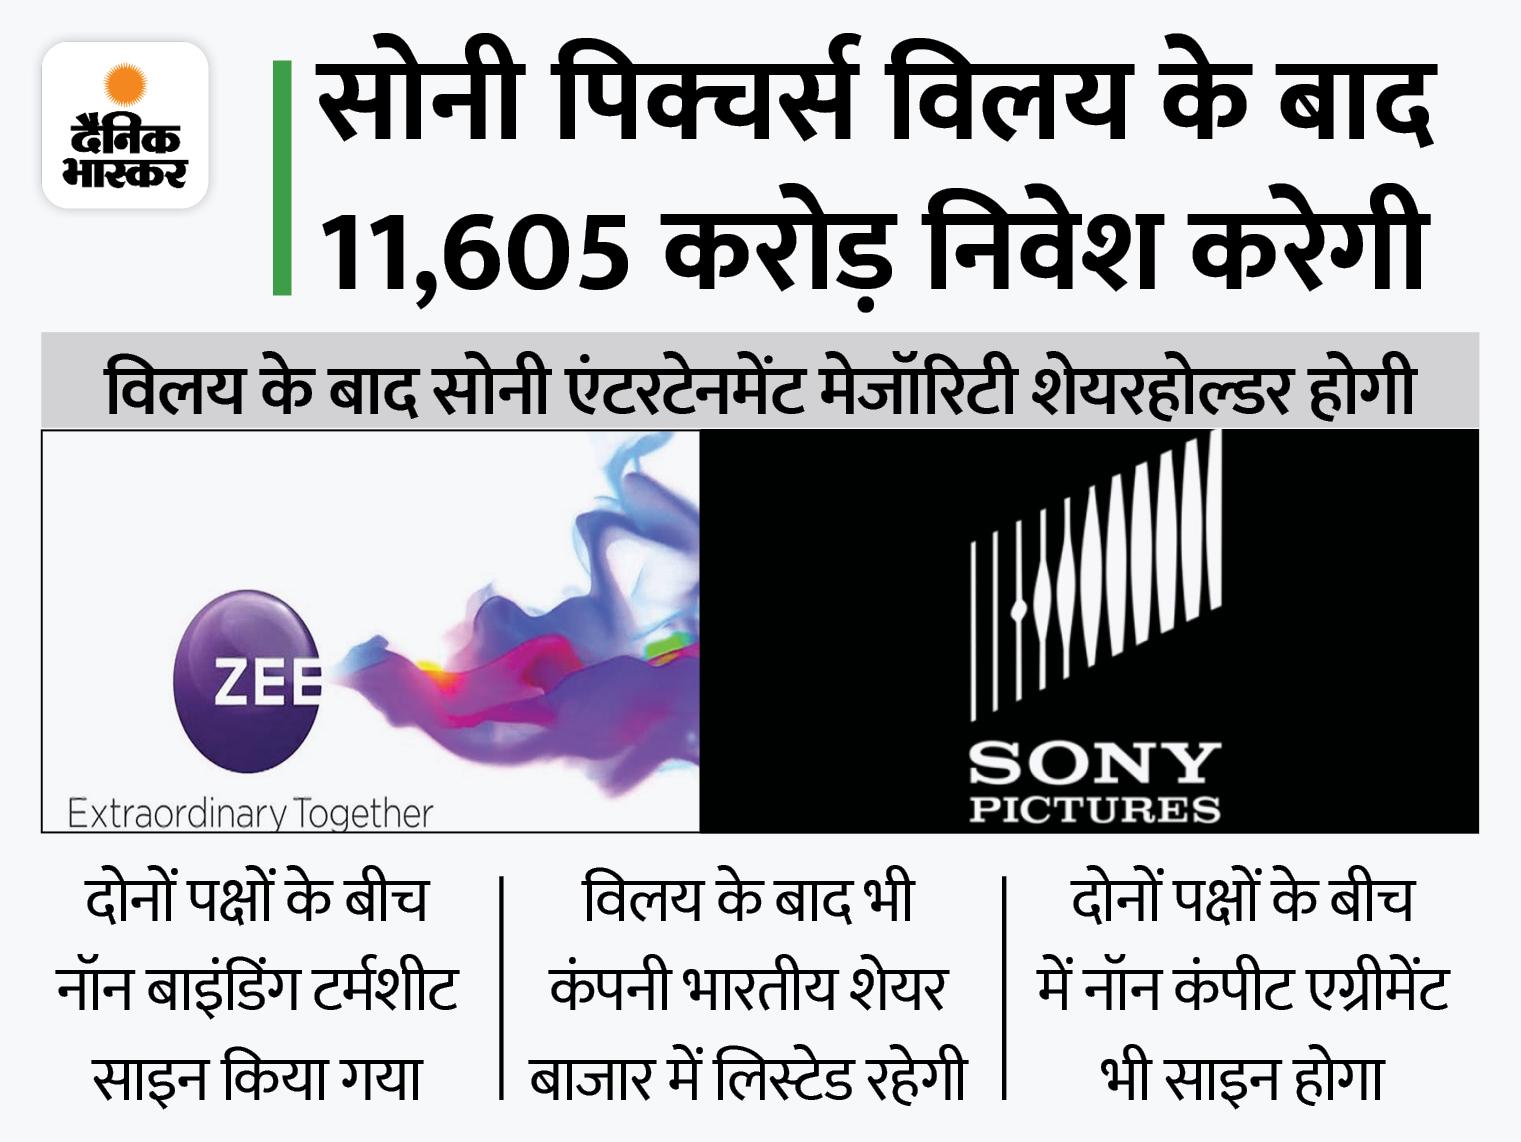 जी एंटरटेनमेंट का सोनी पिक्चर्स के साथ होगा मर्जर, बोर्ड ने दी मंजूरी; पुनीत गोयनका कंपनी के MD और CEO बने रहेंगे बिजनेस,Business - Dainik Bhaskar